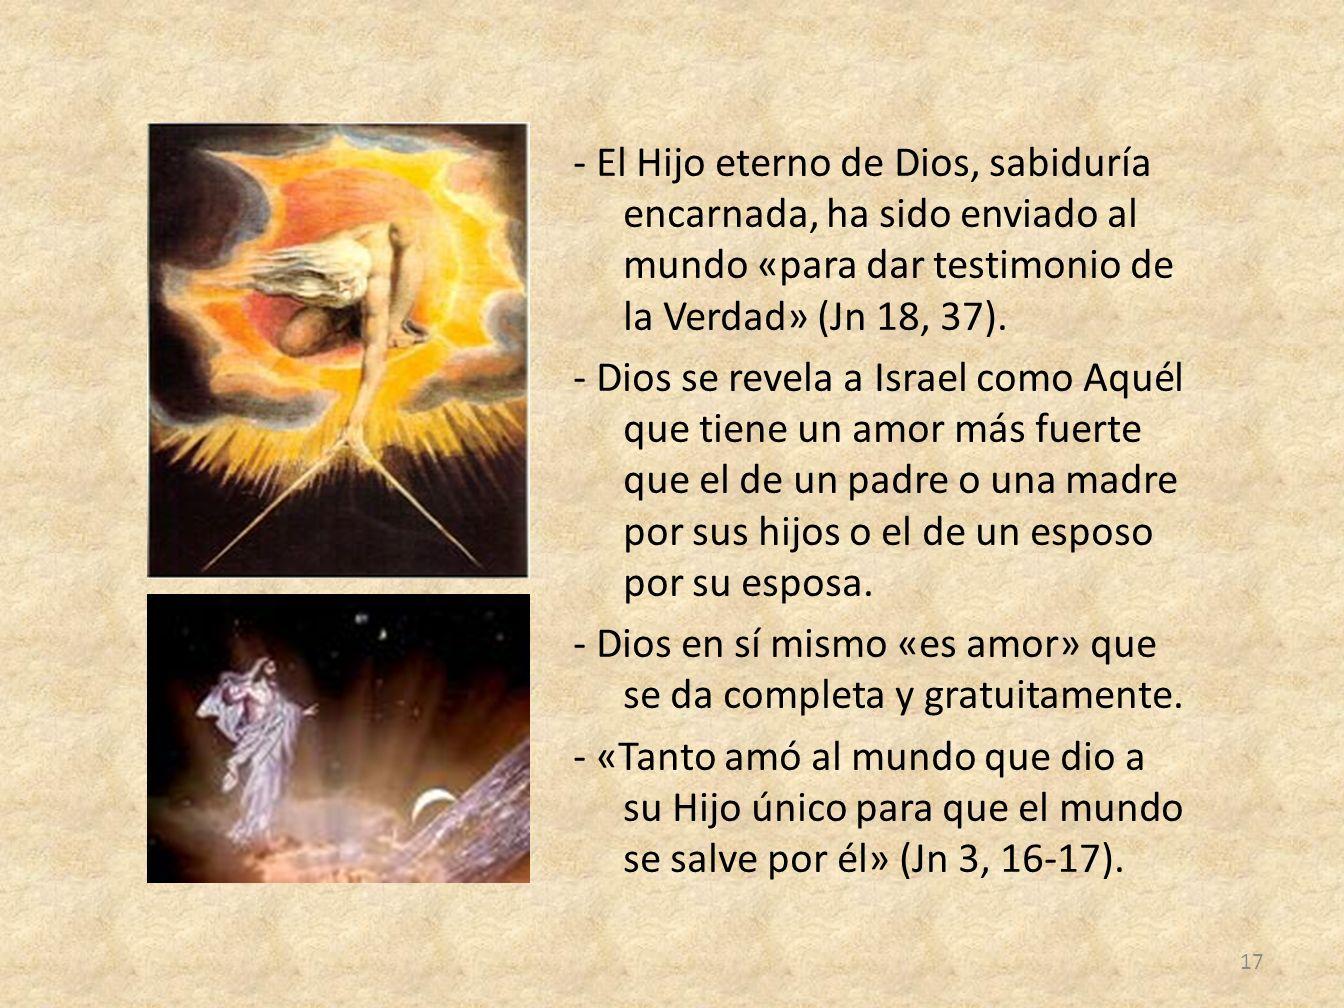 - El Hijo eterno de Dios, sabiduría encarnada, ha sido enviado al mundo «para dar testimonio de la Verdad» (Jn 18, 37).